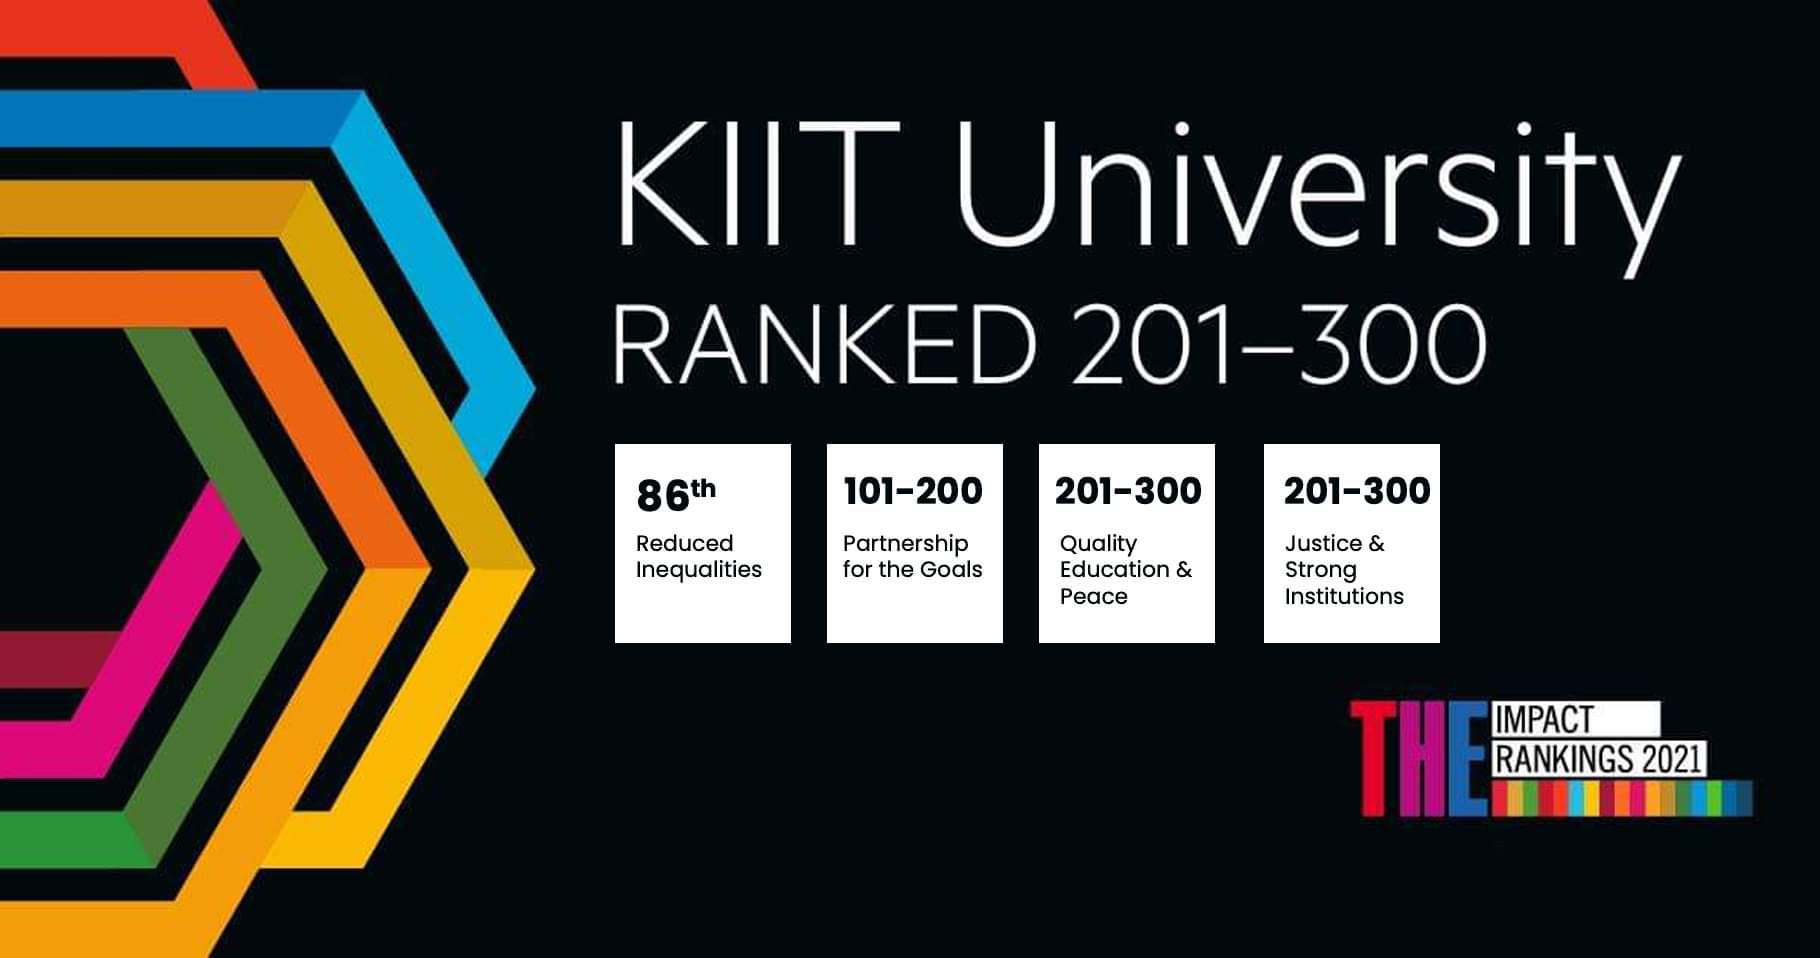 KIIT University THE Impacts Ranking 2021